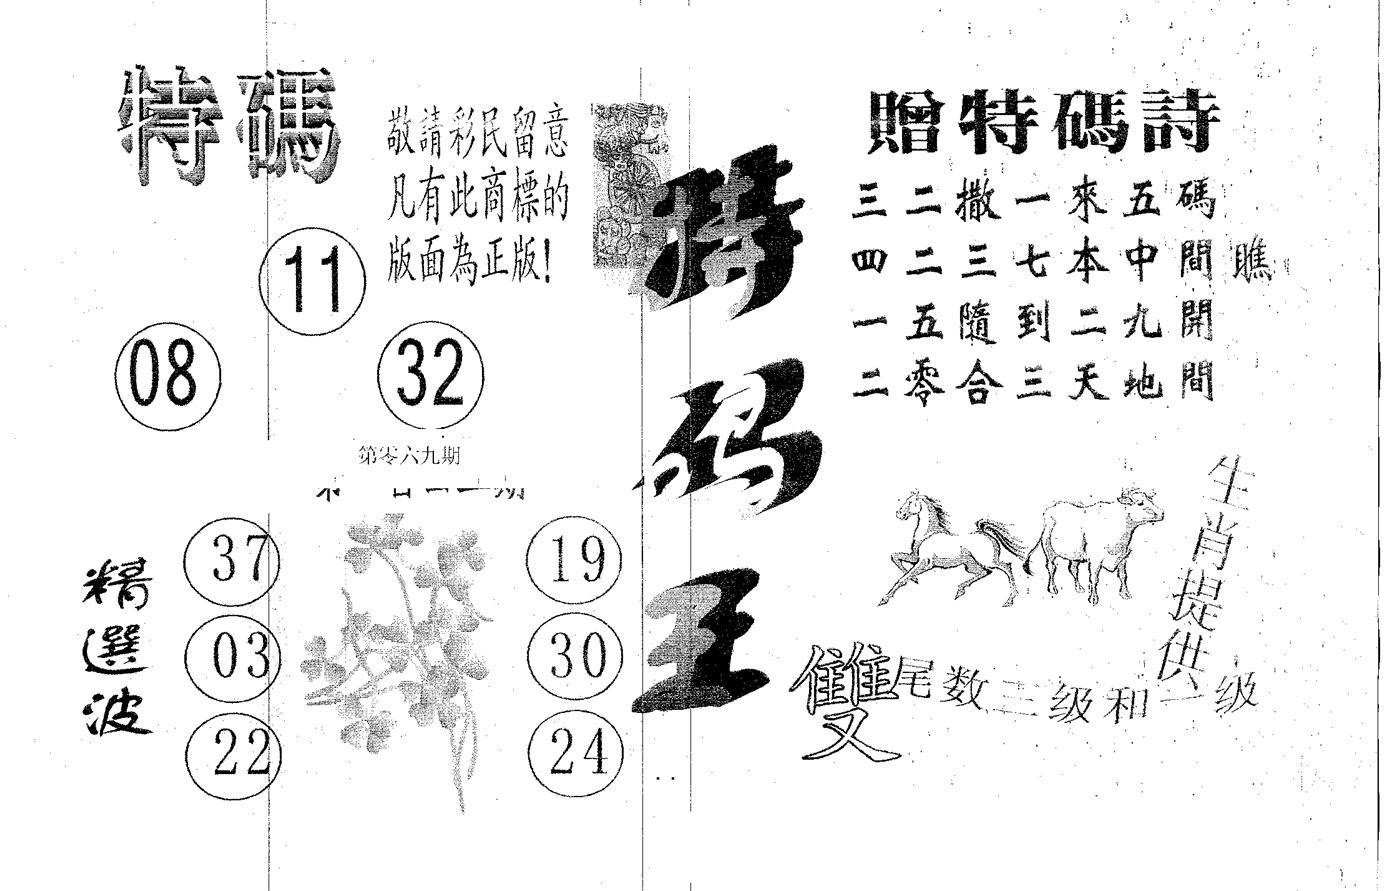 069期特码王A(黑白)